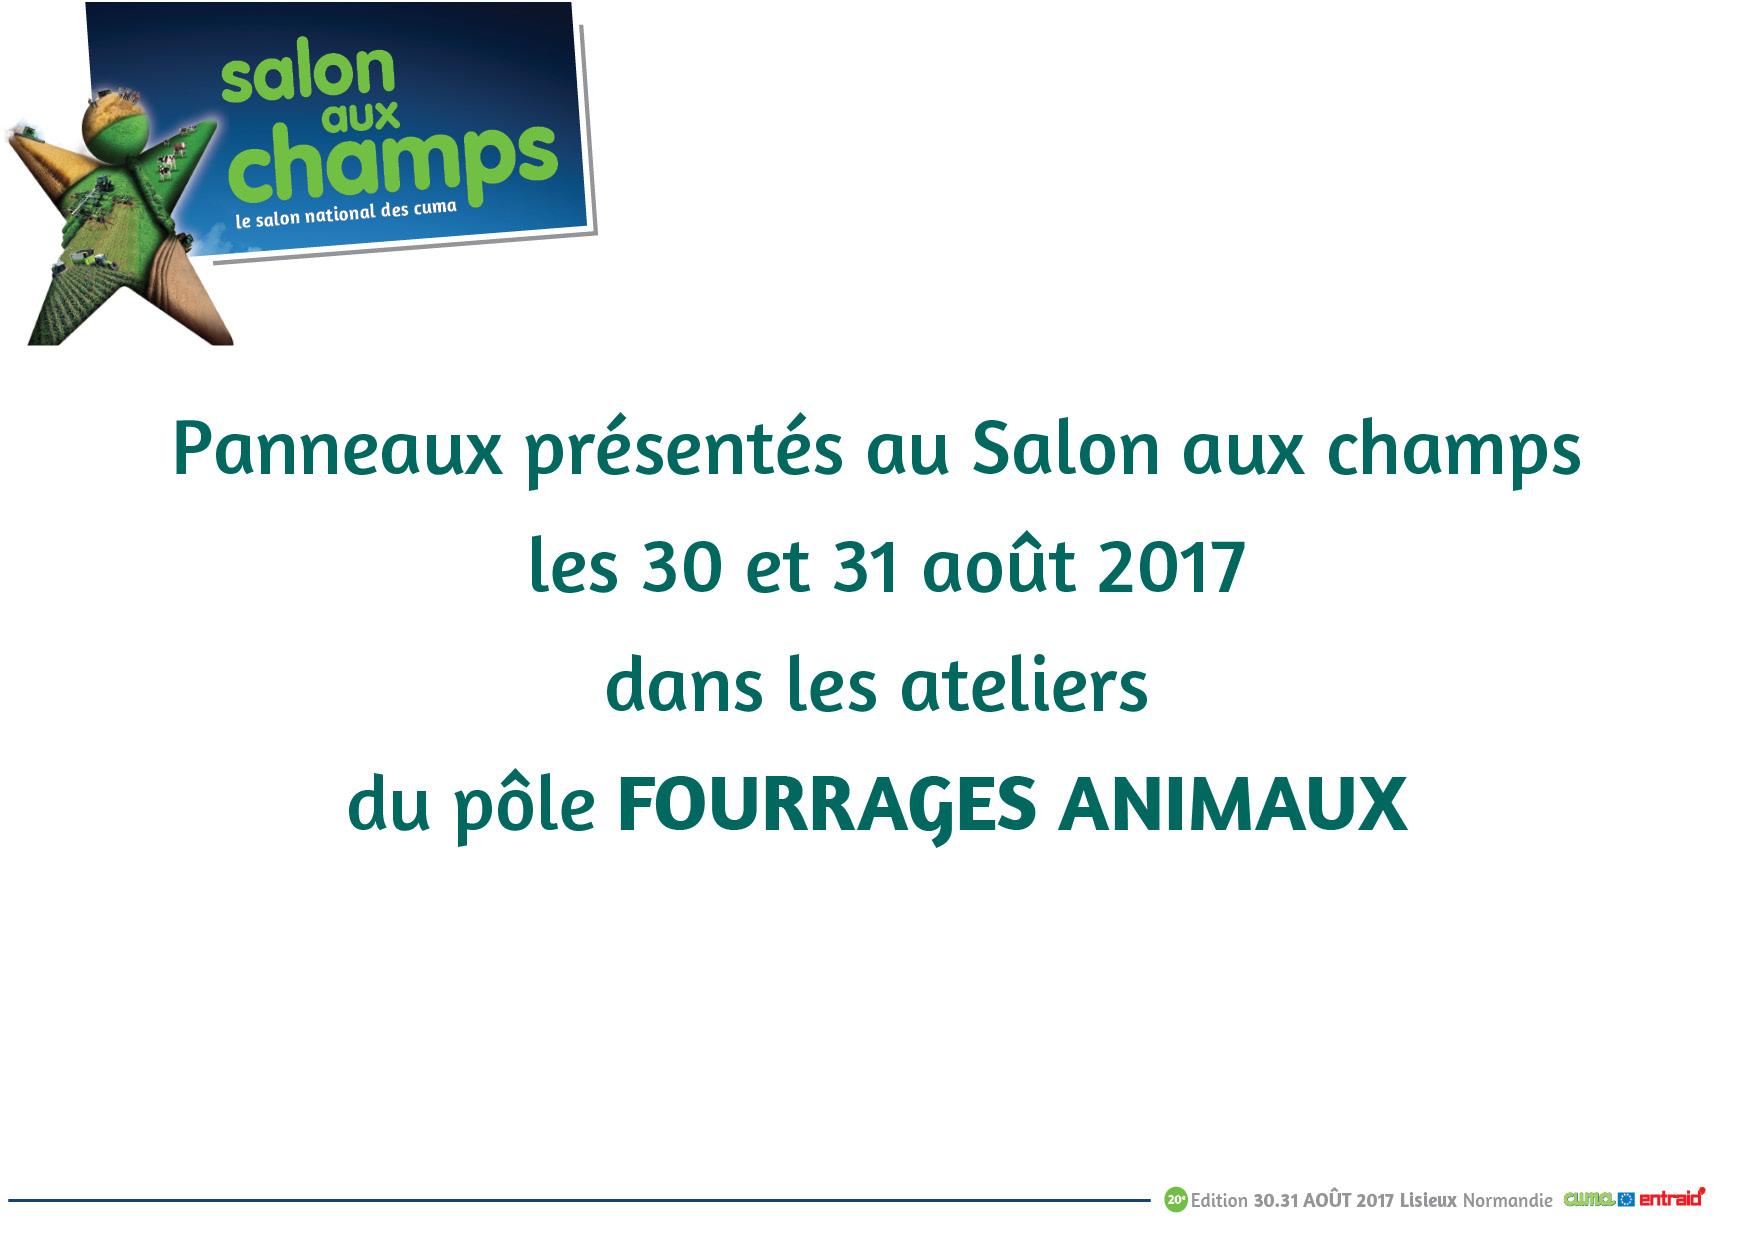 Fourrages animaux panneaux salon aux champs 2017 cuma for Salon aux champs